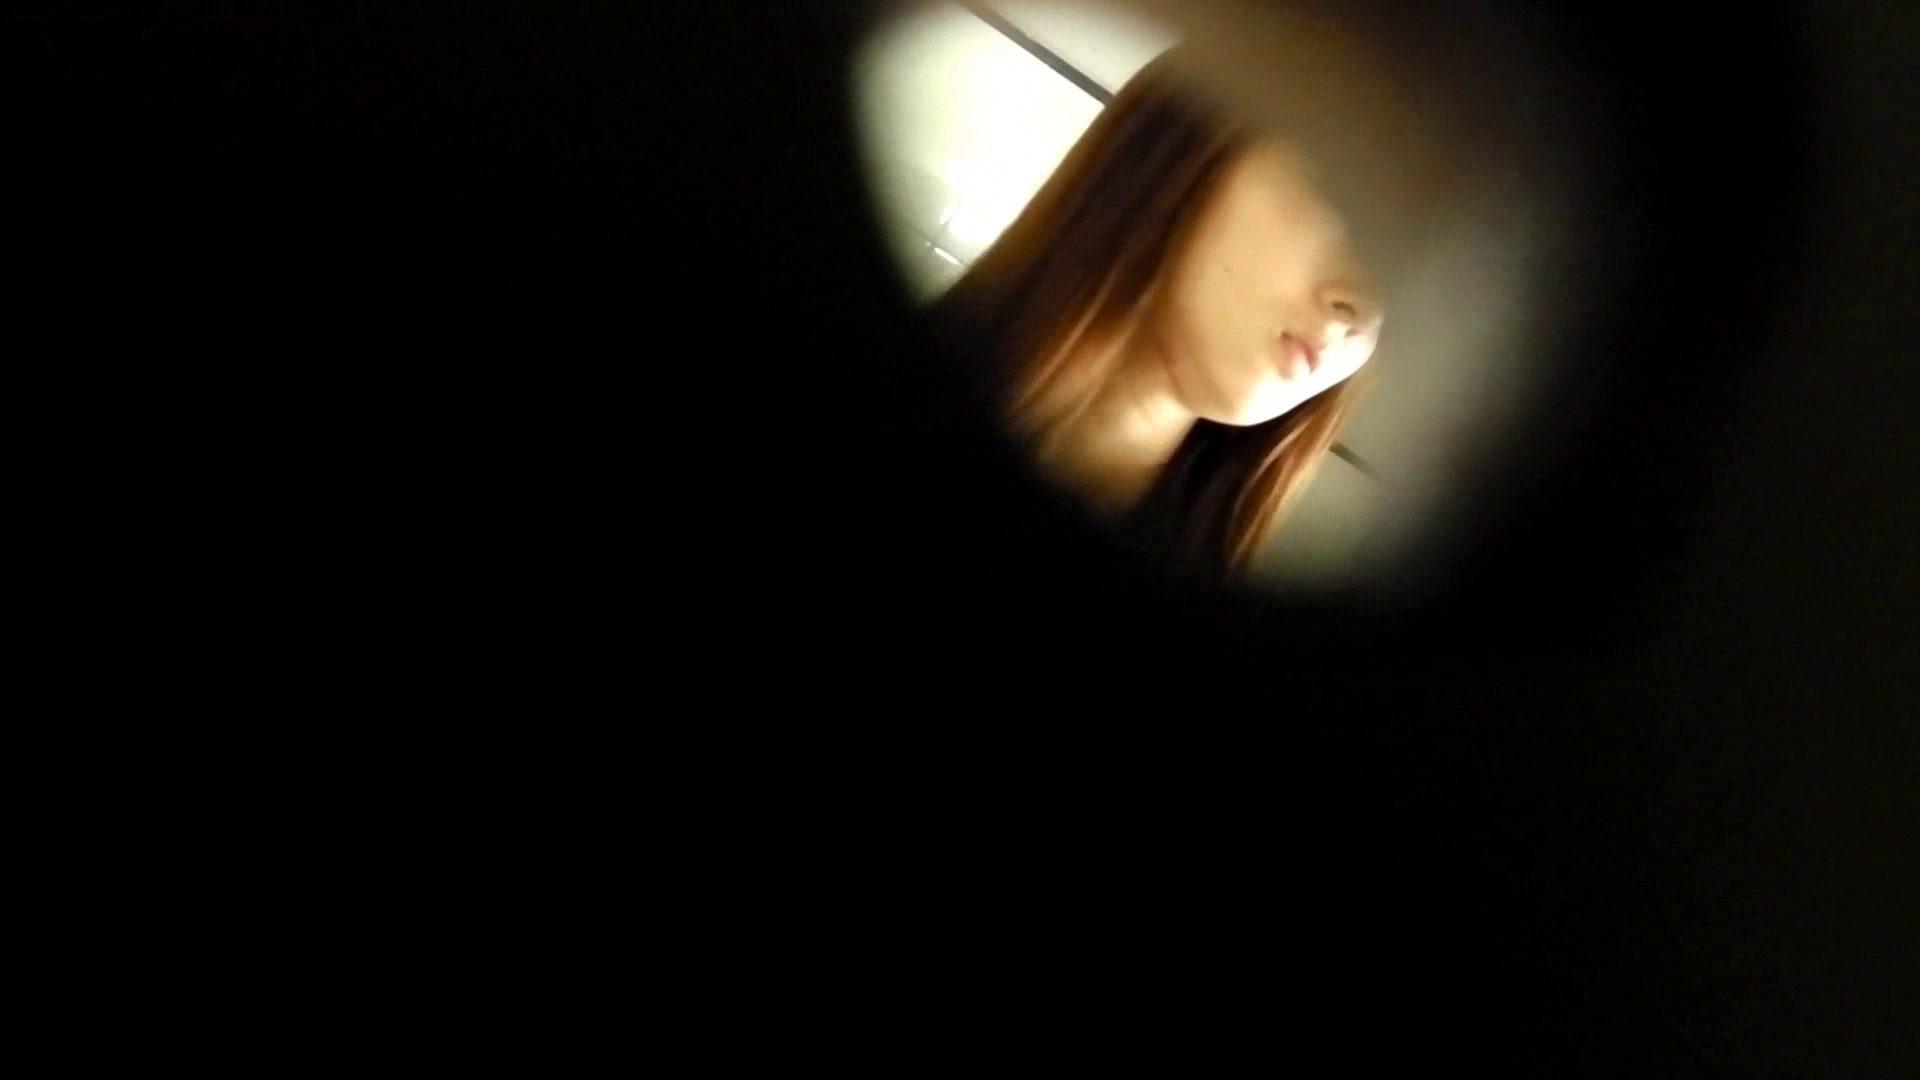 ステーション編 vol.28 無料動画に登場したモデルつい本番登場!! モデルコレクション | OL  31連発 18